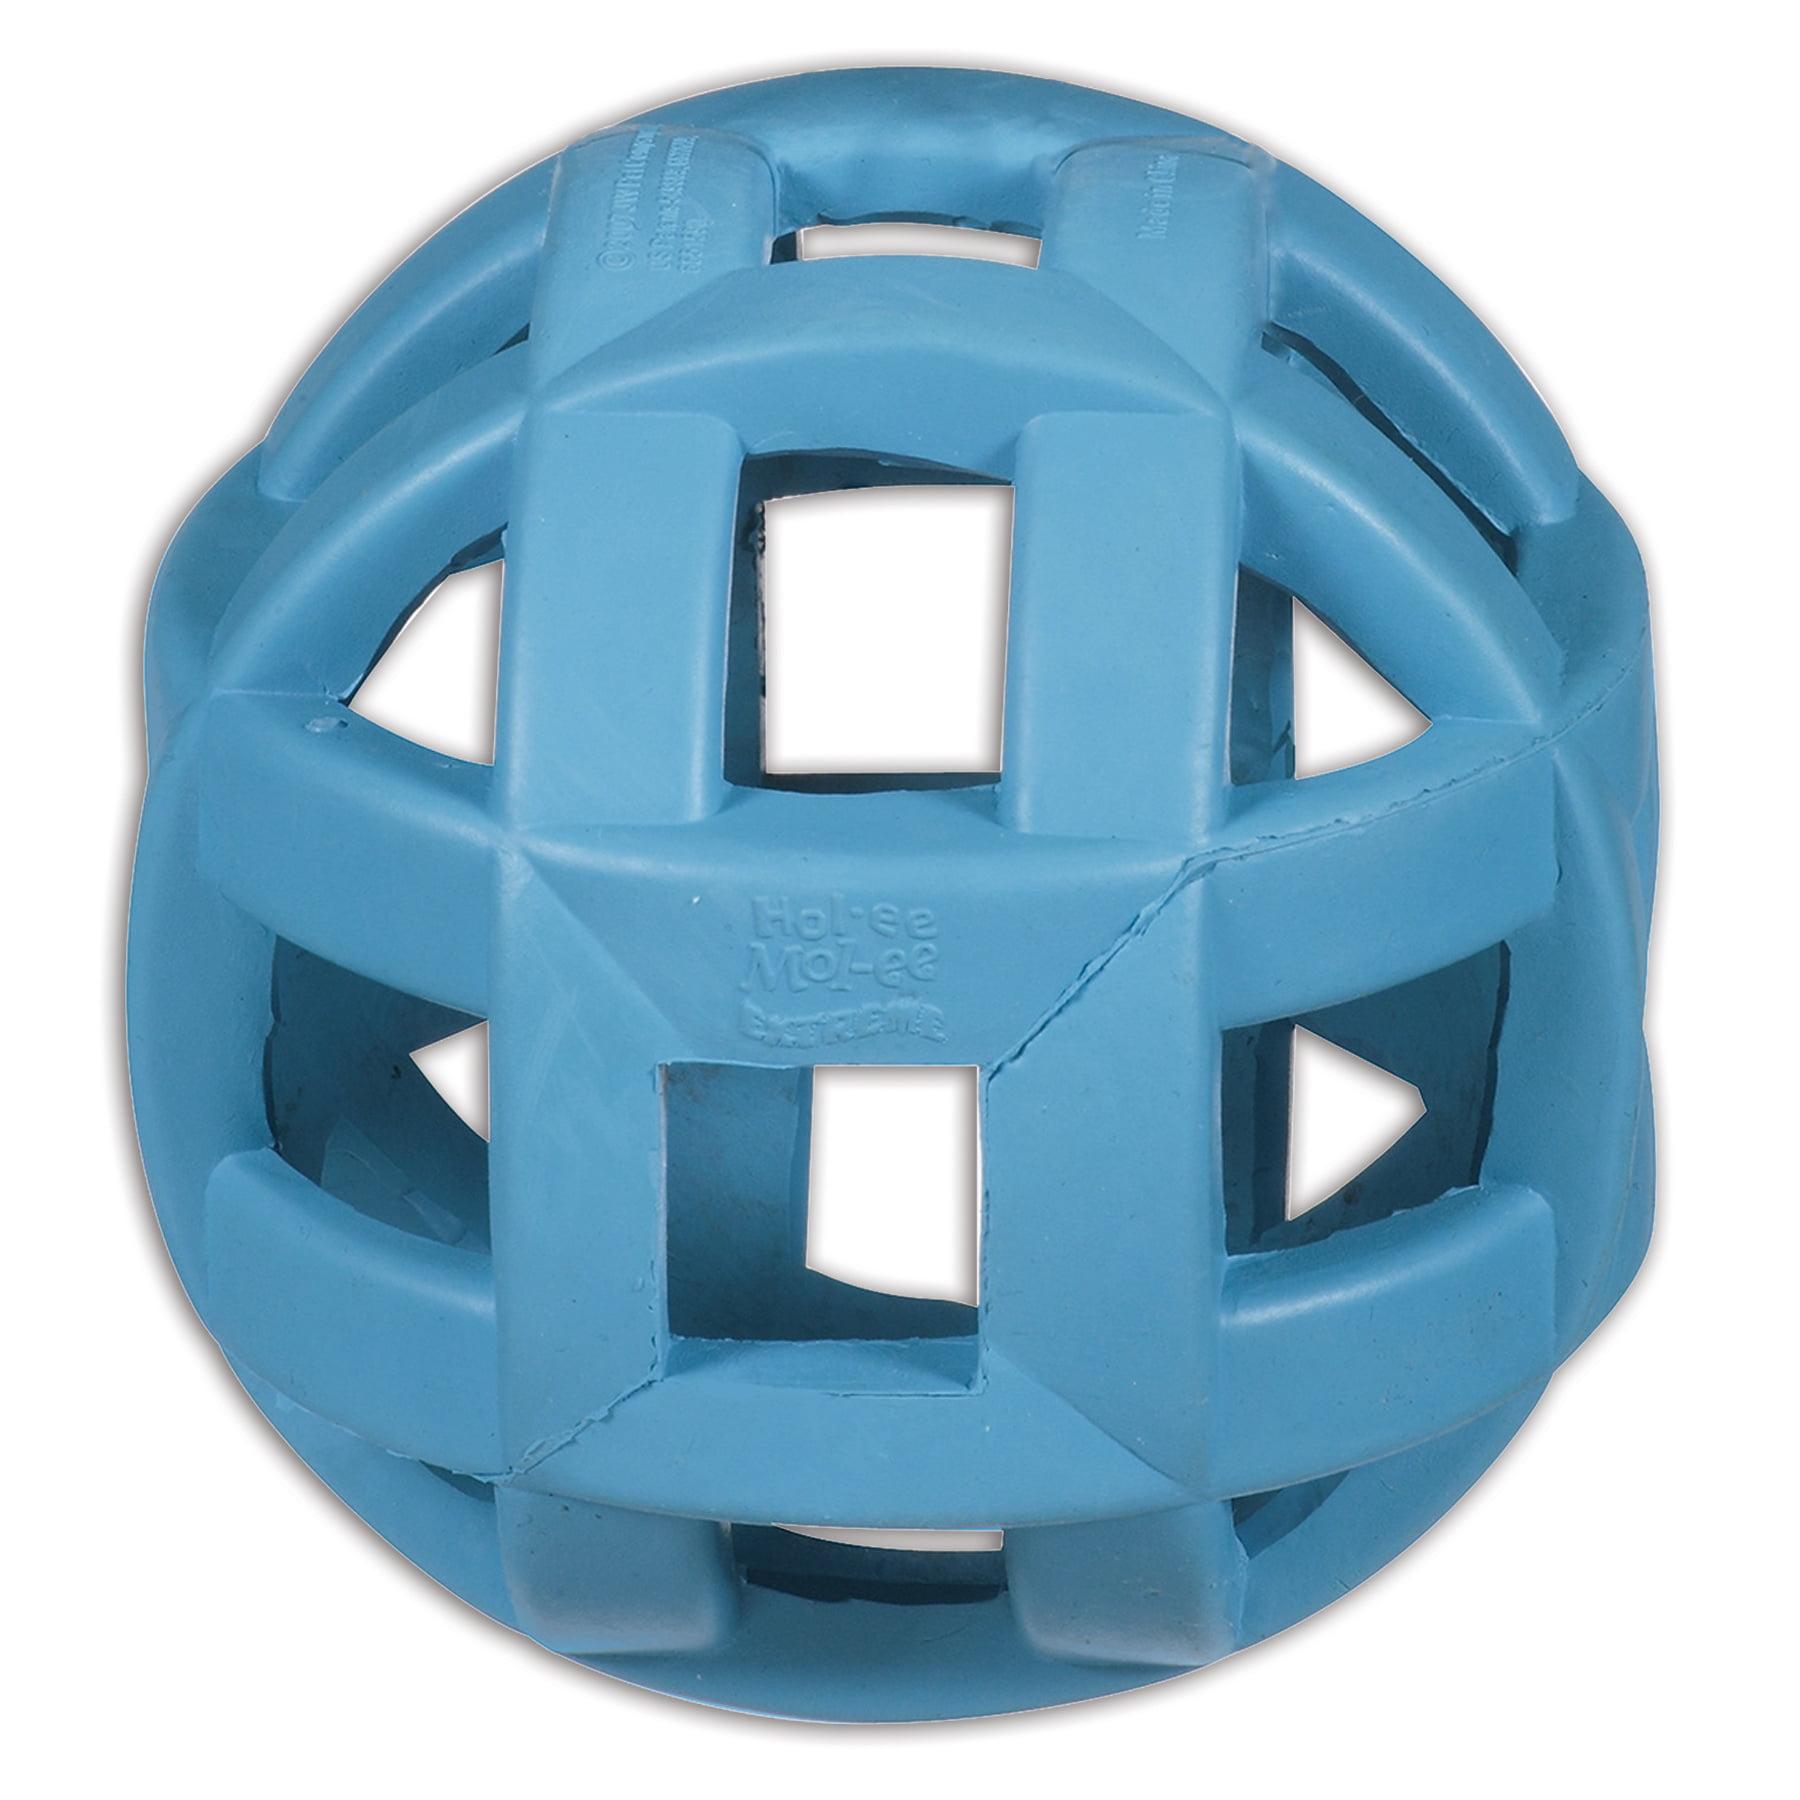 Jw Hol-Ee Roller X-Treme Dog fetch toy